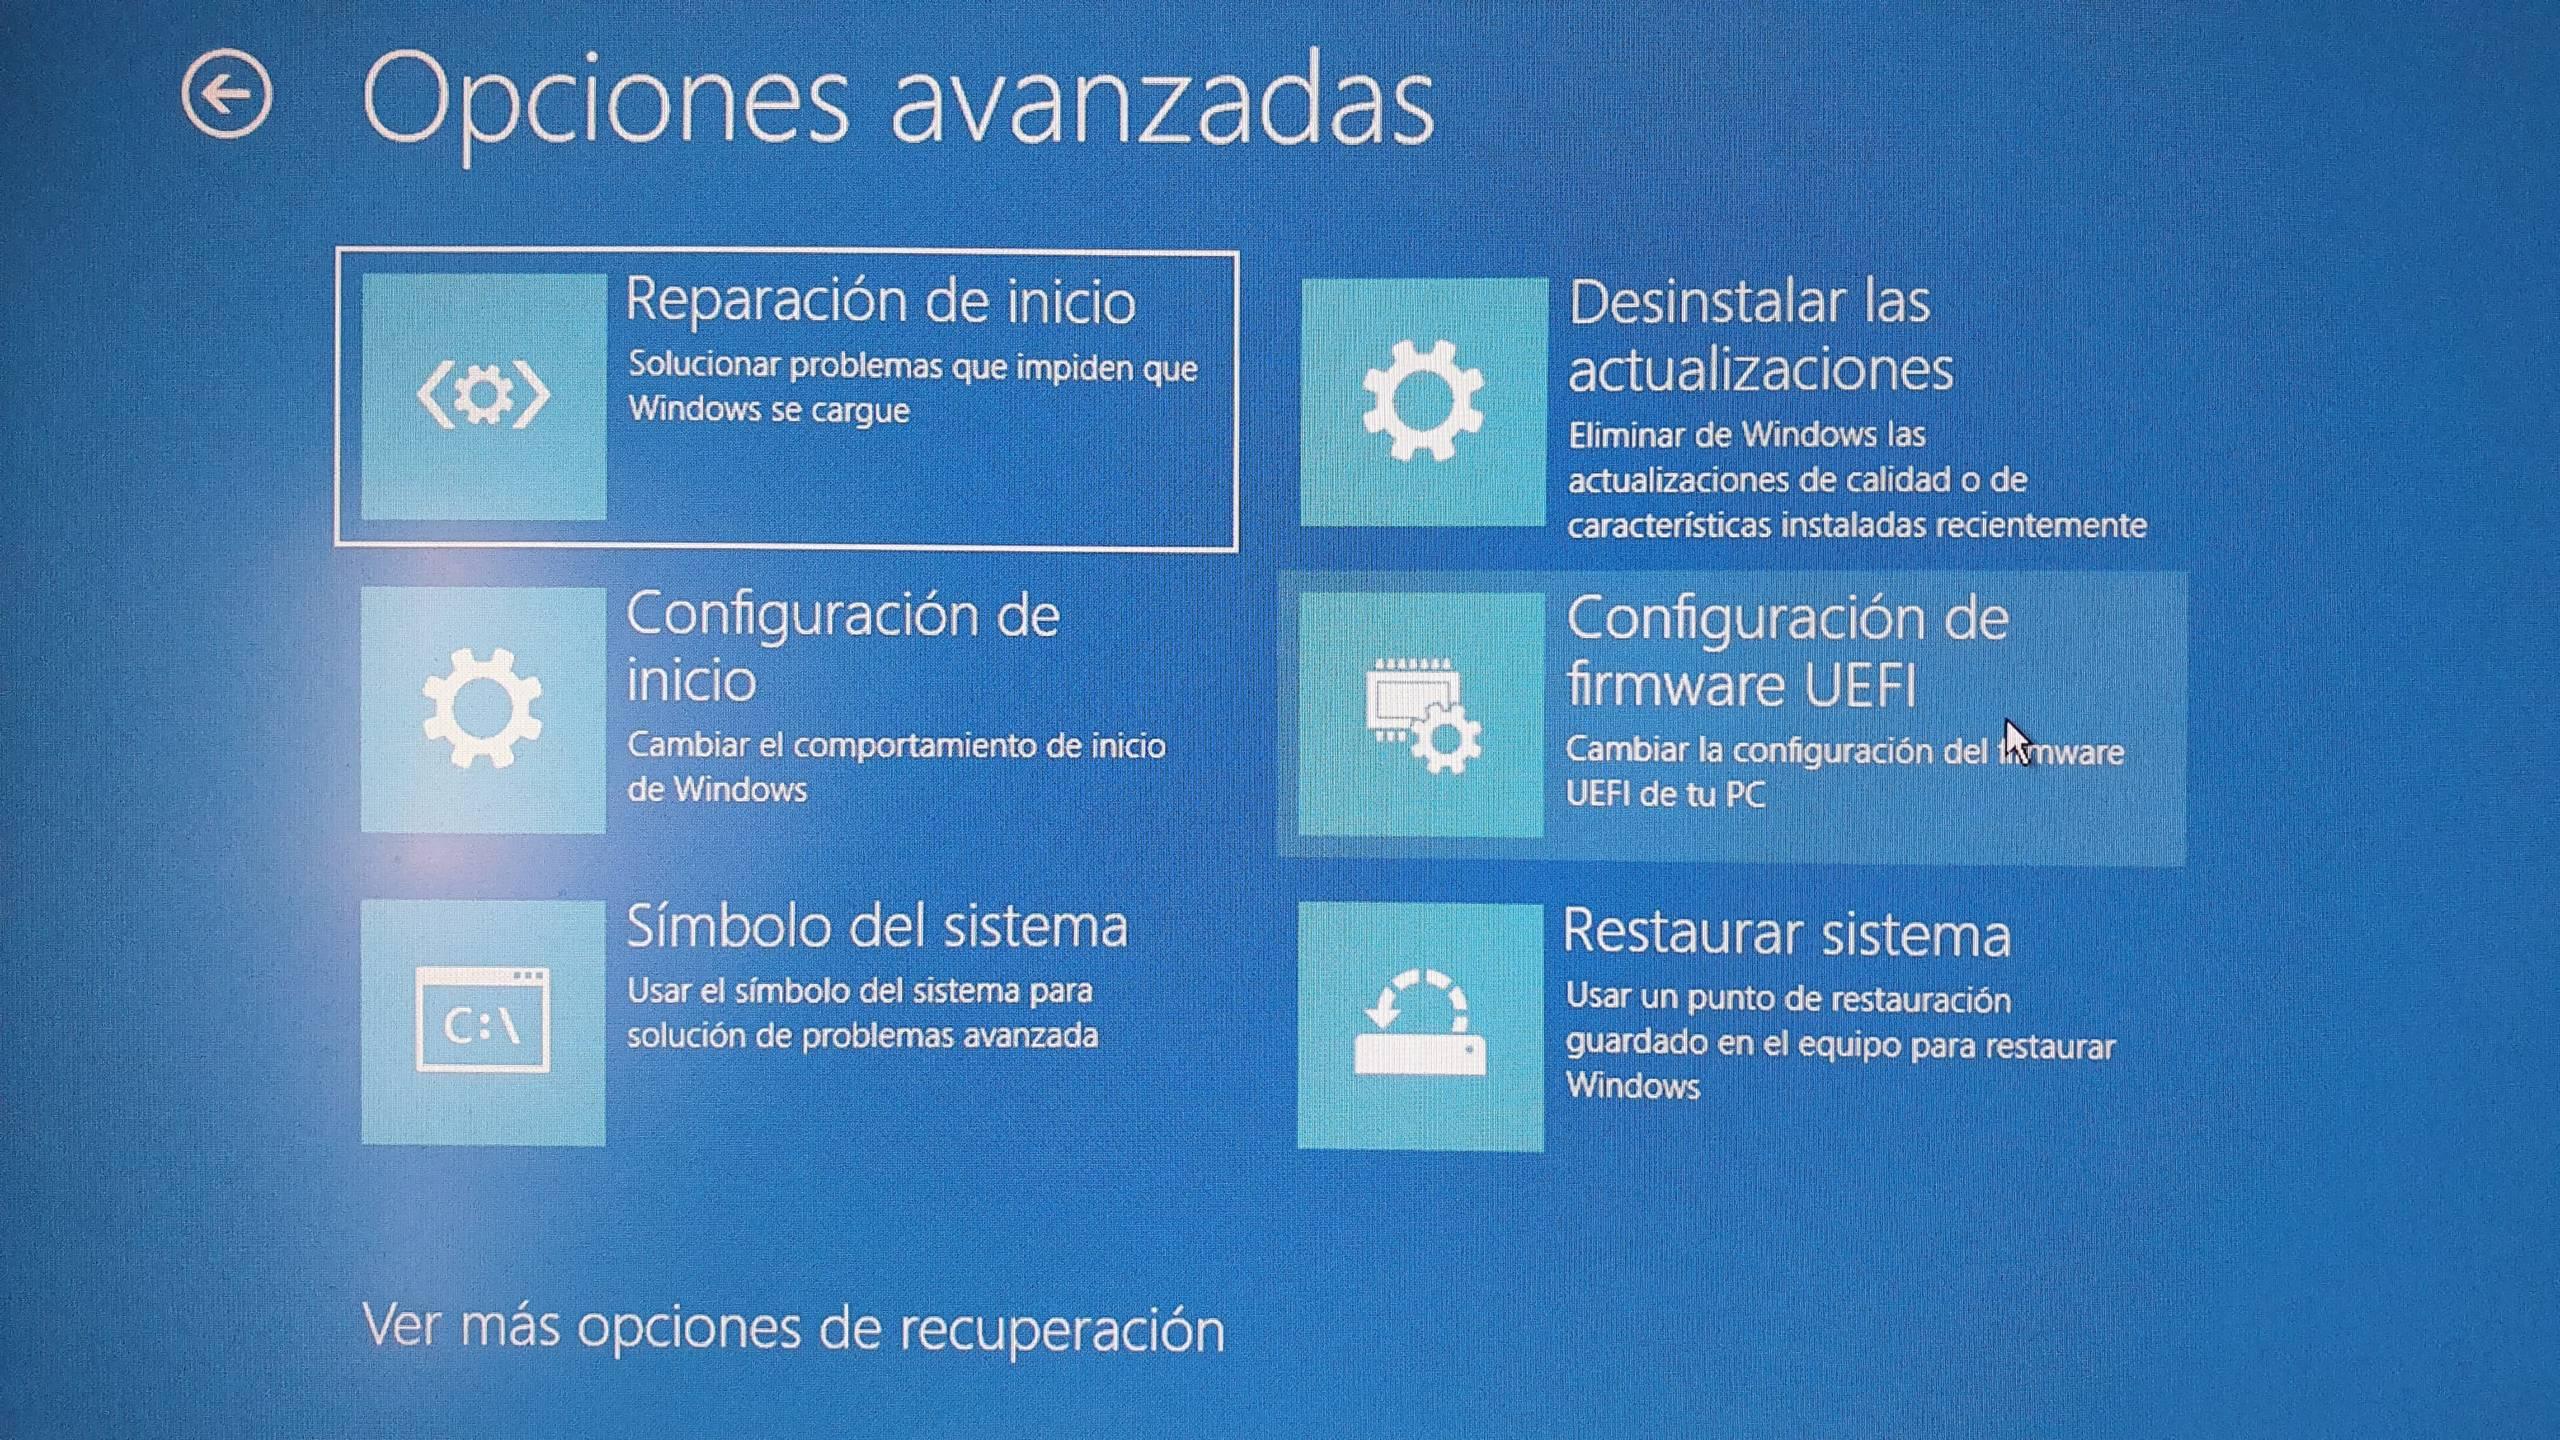 Erweiterte Startoptionen für Windows 10